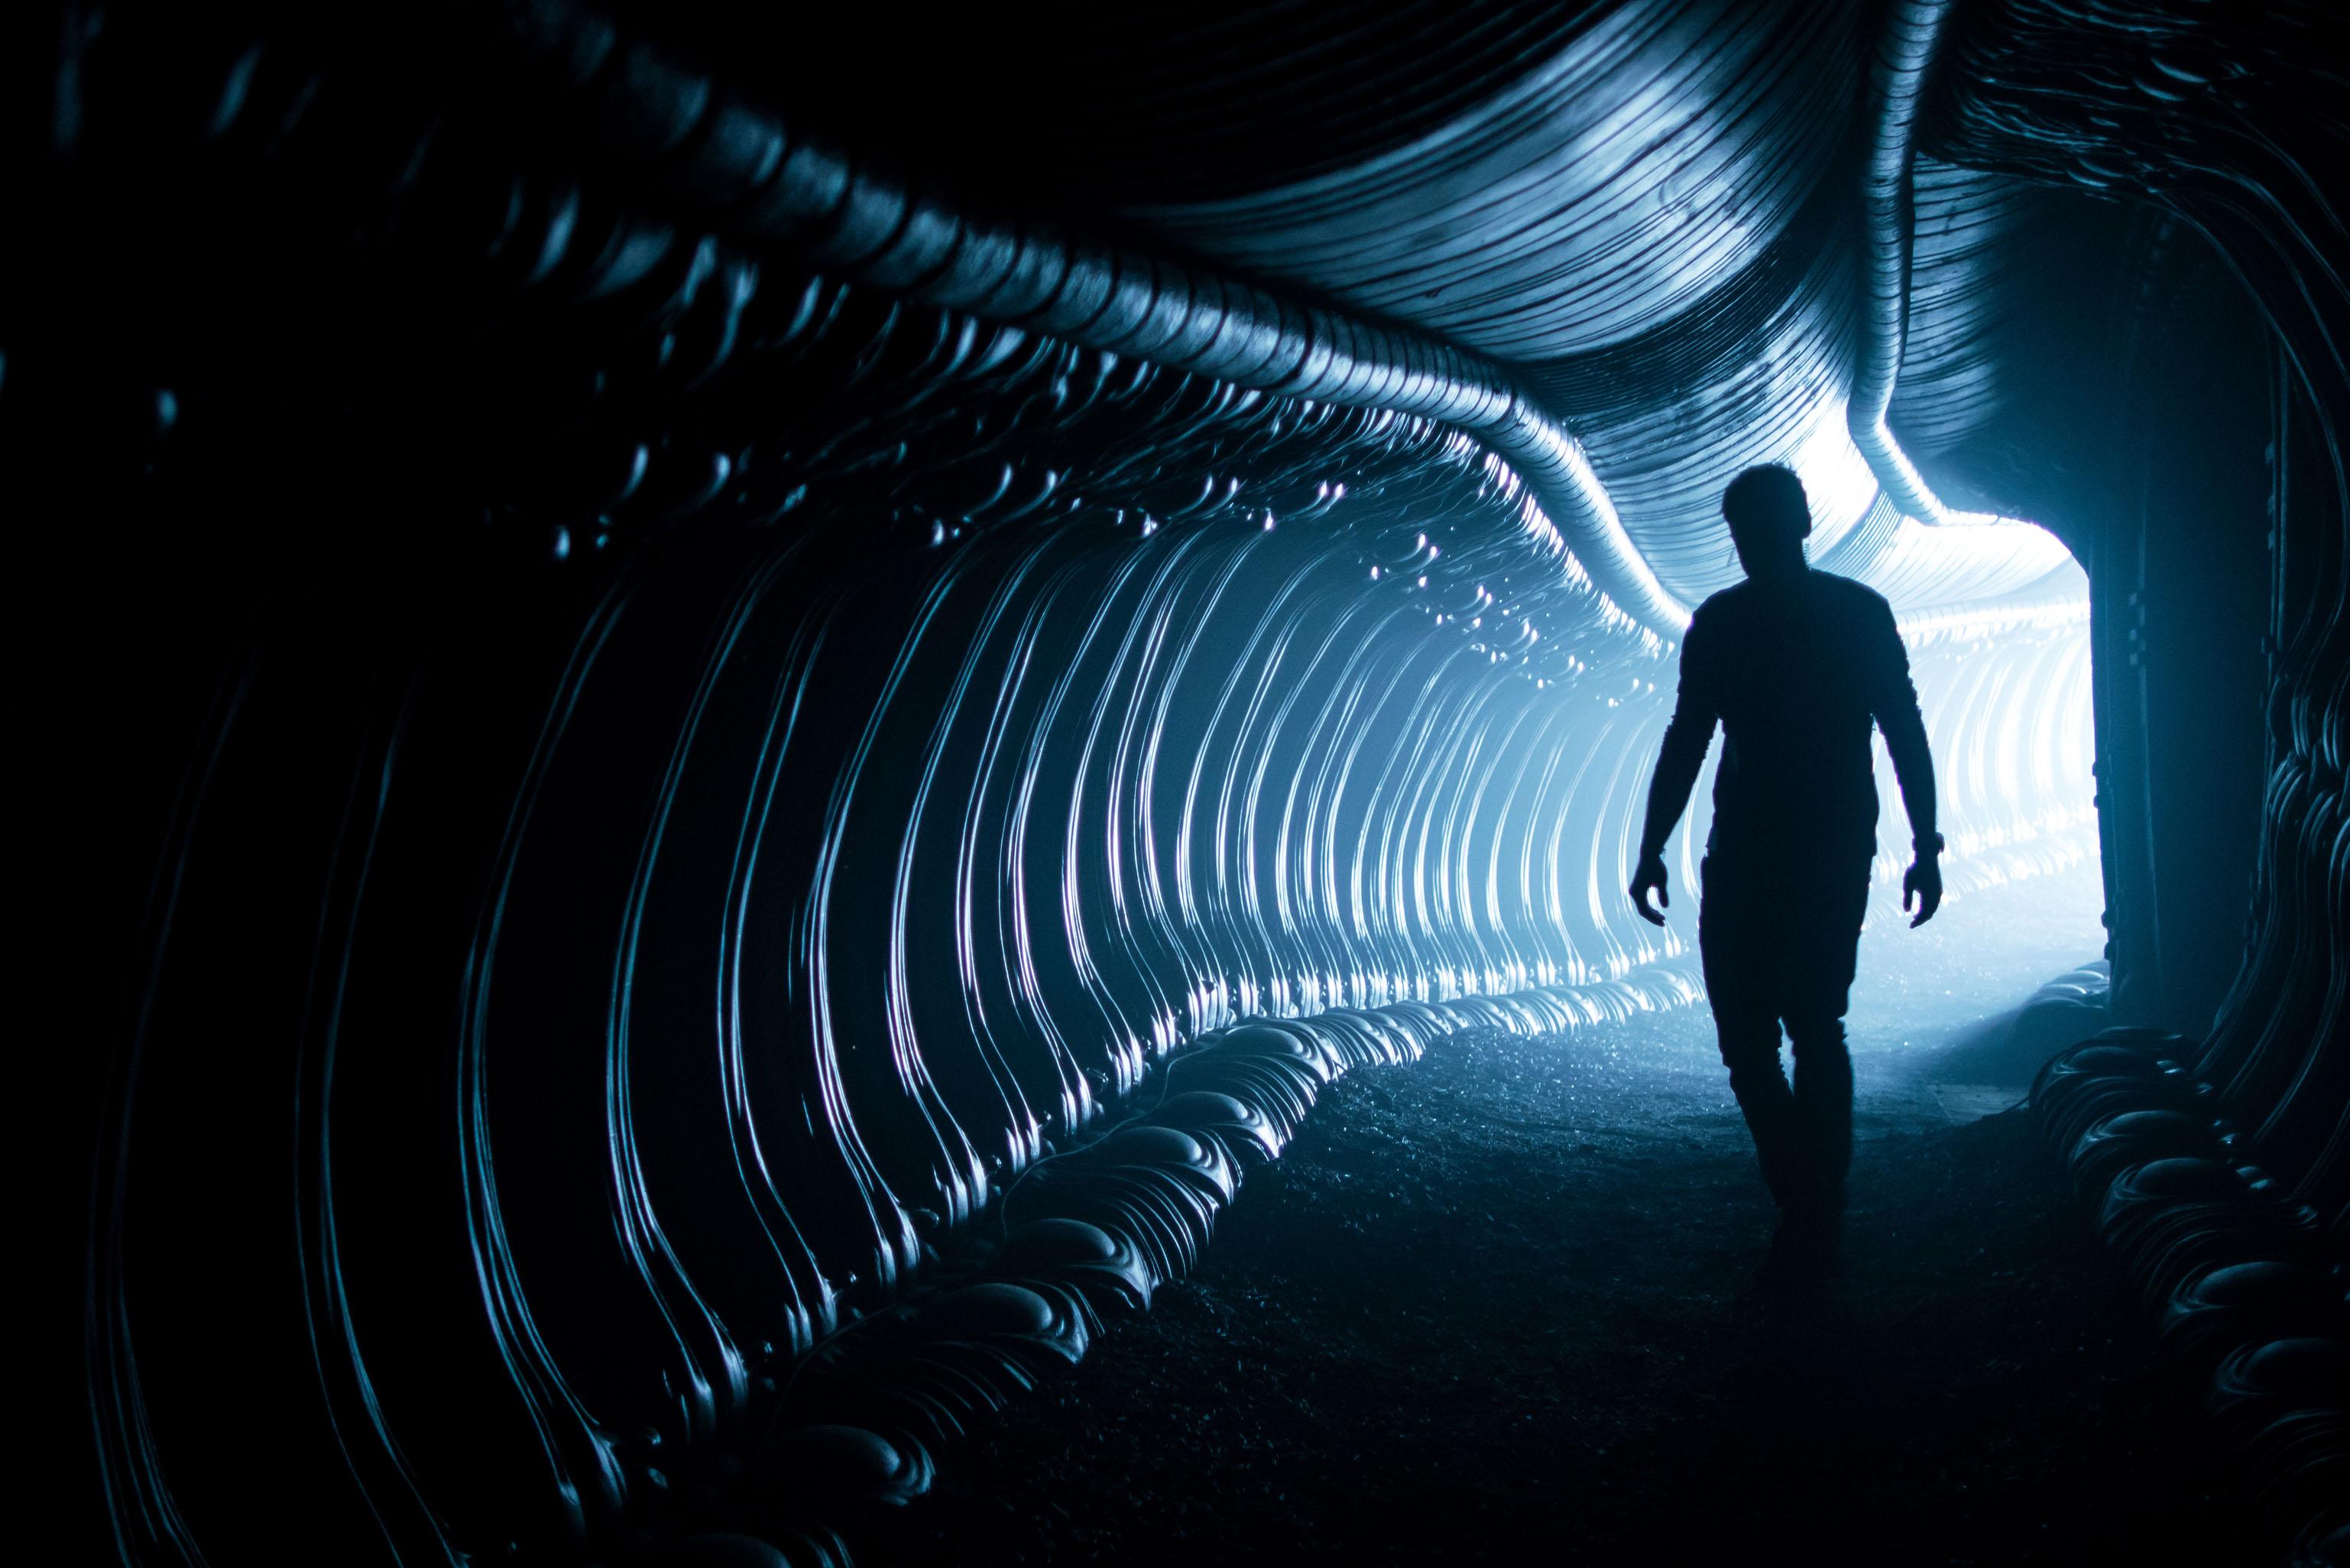 Женщина испытывает материнские чувства к инопланетному монстру-убийце